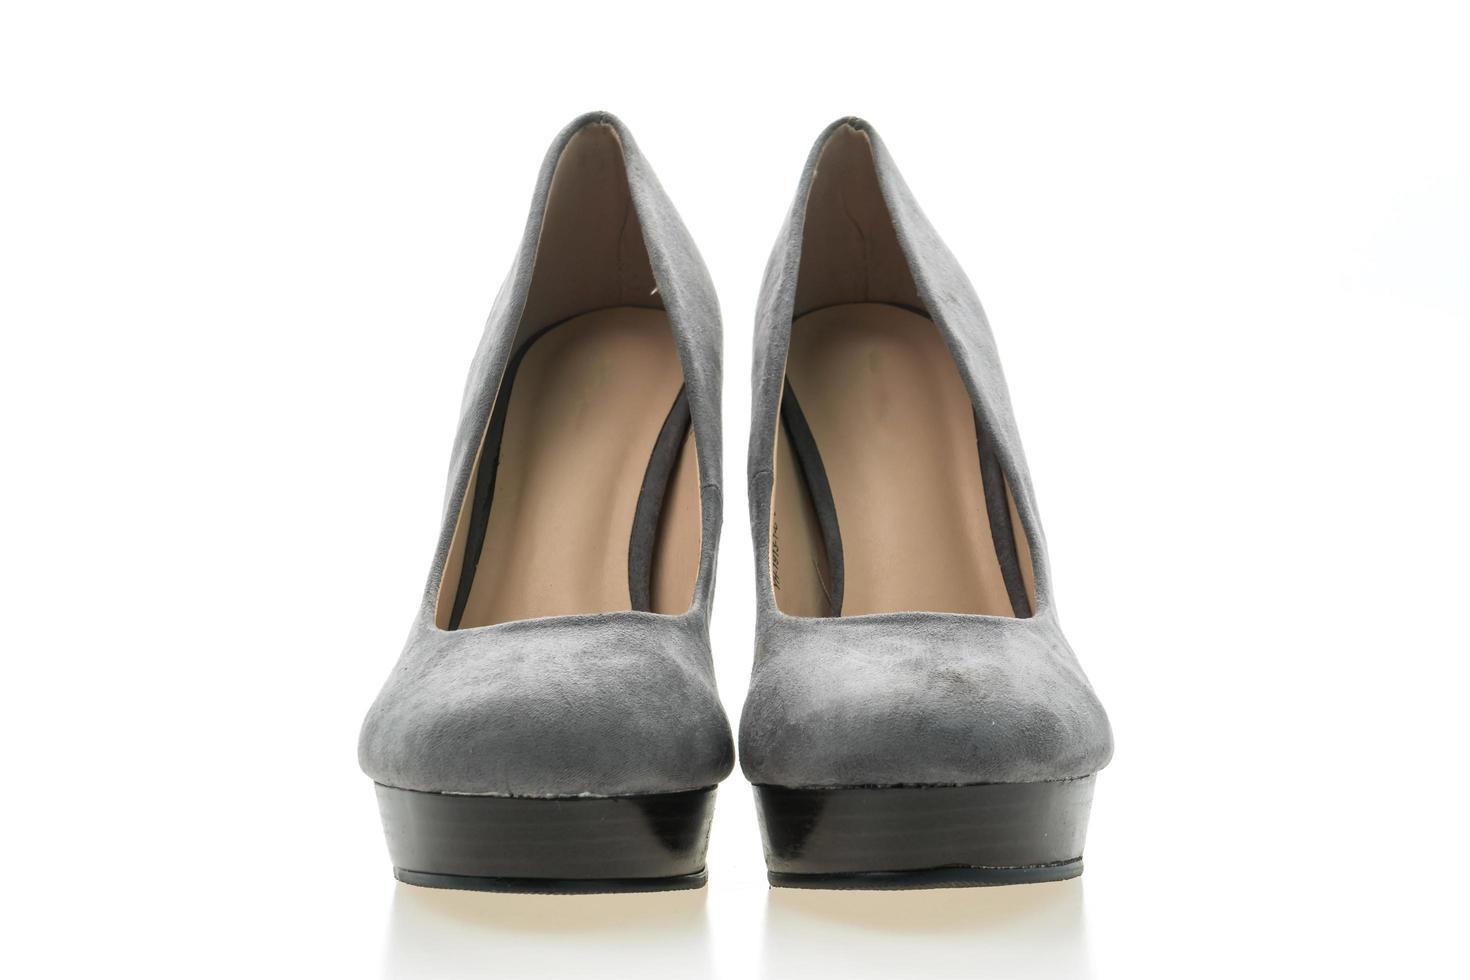 högklackade skor foto